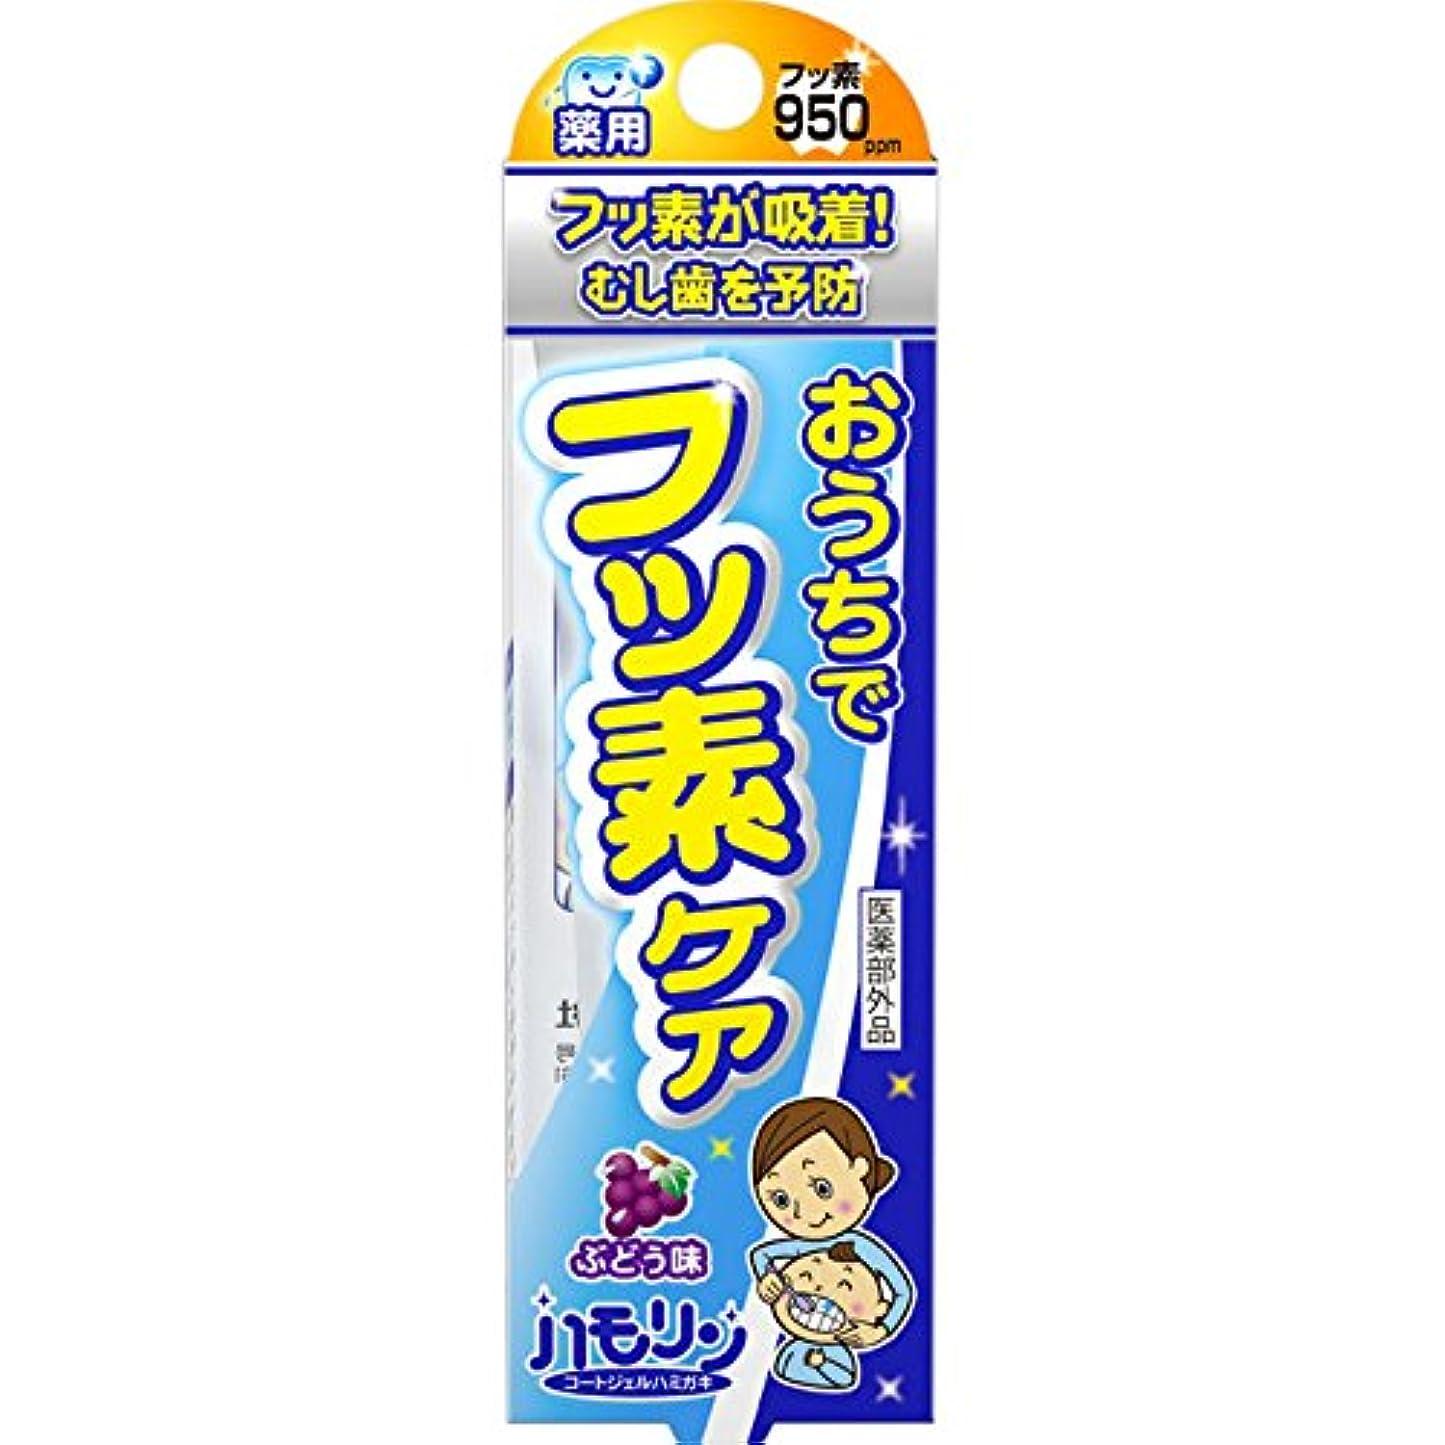 バット泥沼簡単に丹平製薬 ハモリン ぶどう味 30g